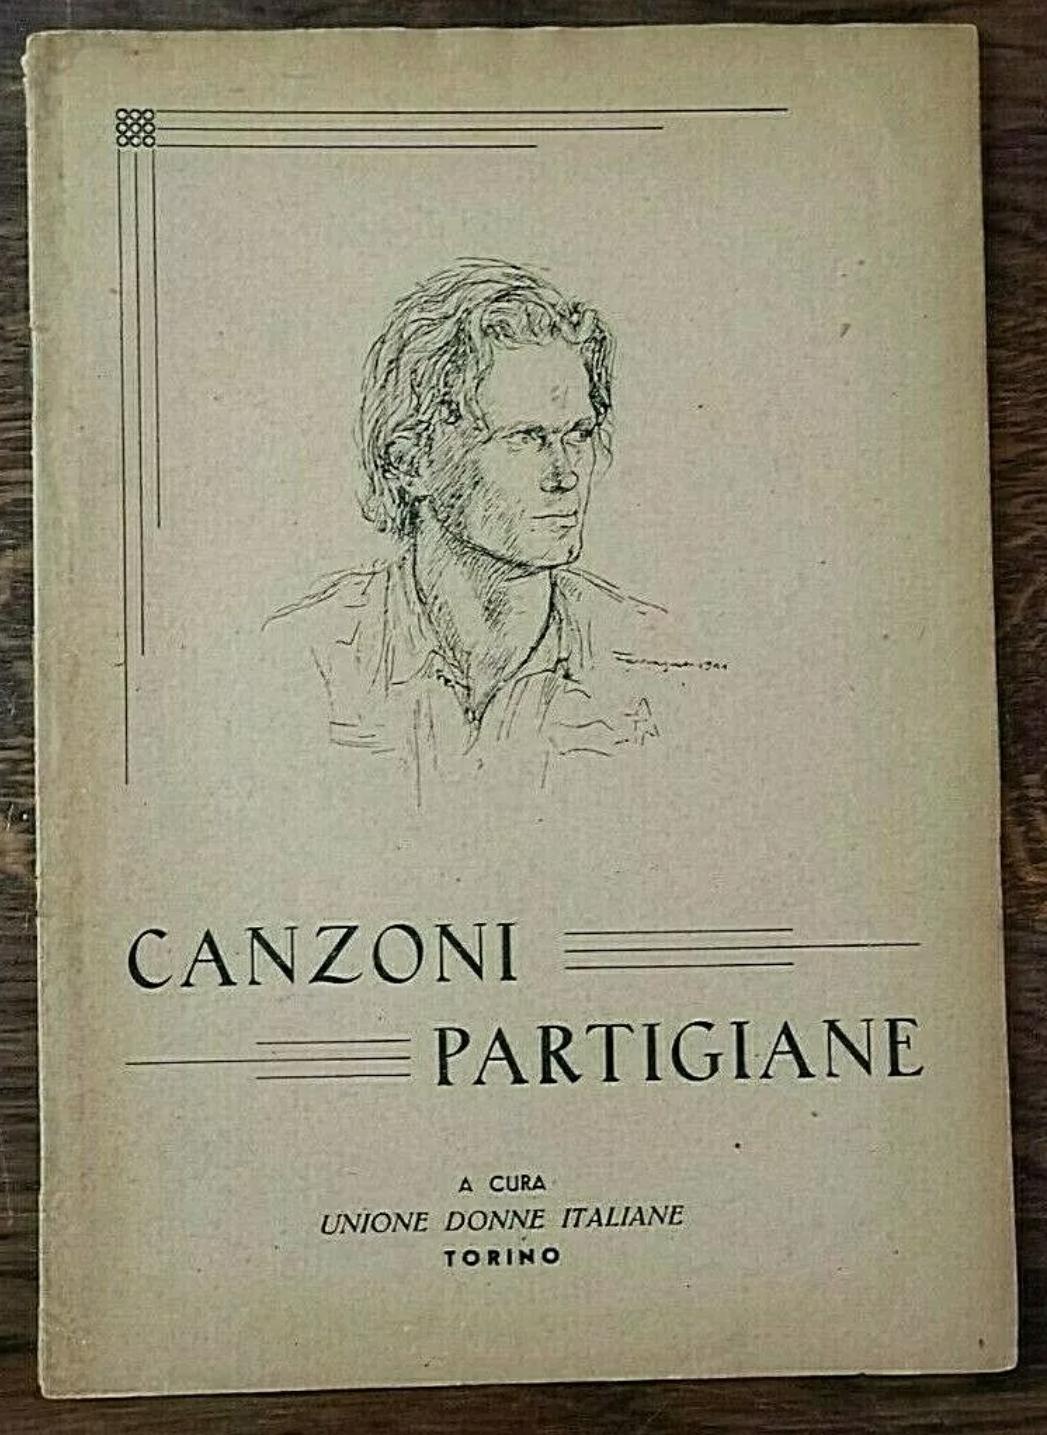 RARISSIMO – Canzoni partigiane / a cura Unione donne italiane Torino